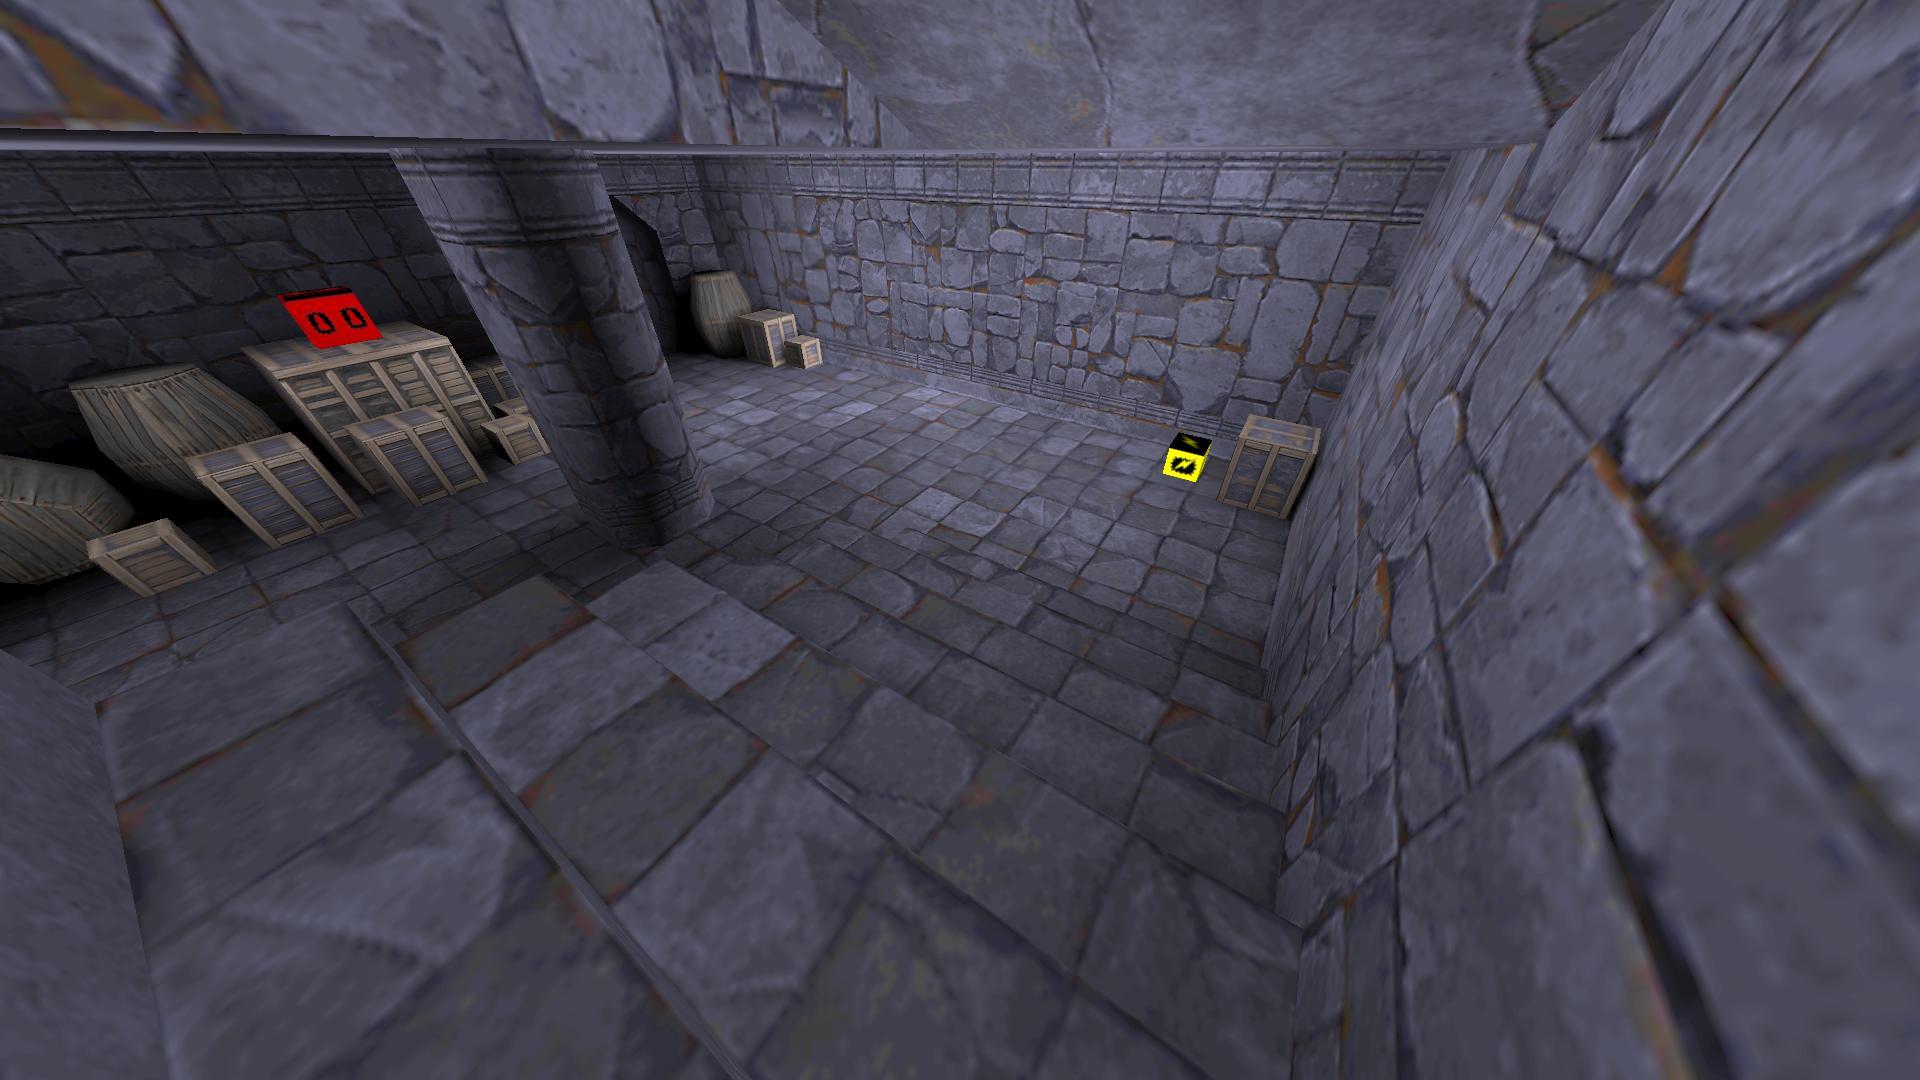 http://www.bandsalat.org/quake/an2/anwalk-cells.jpg